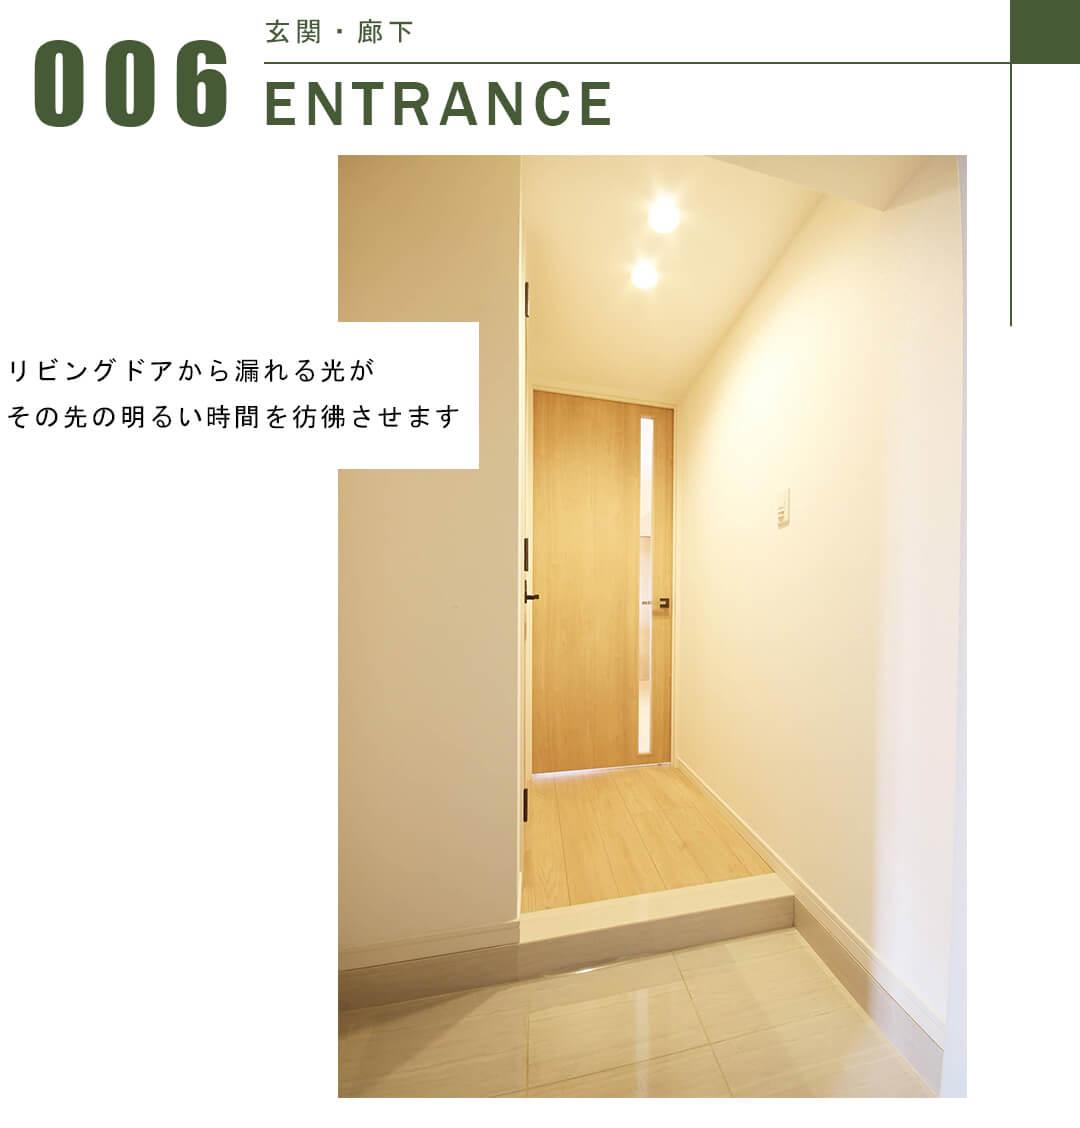 シーフォルム西新宿五丁目の廊下